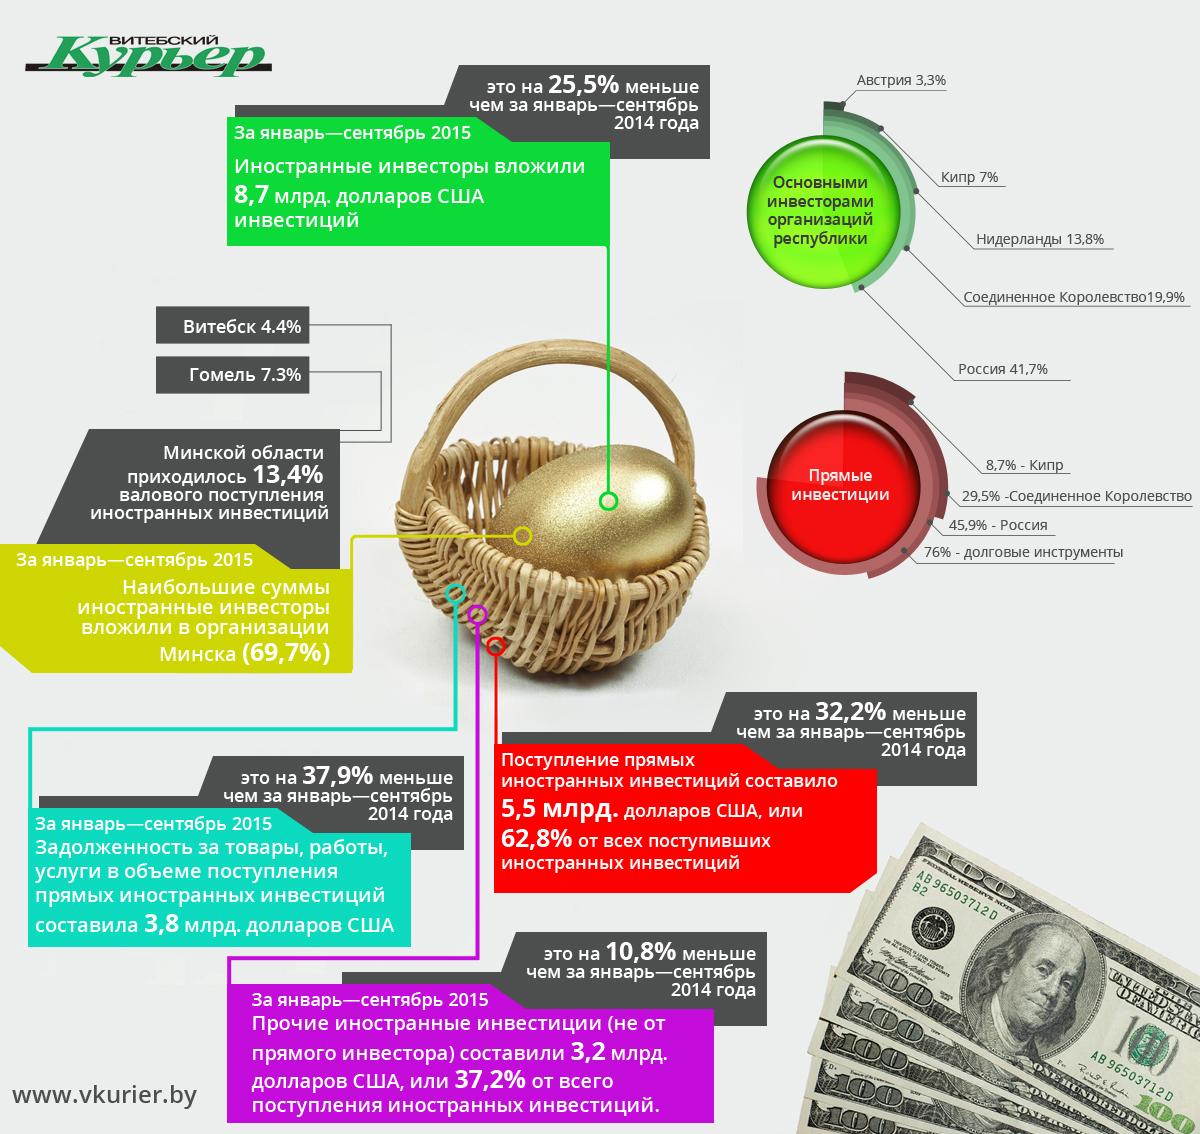 Финансы - Иностранные инвестиции в Беларусь